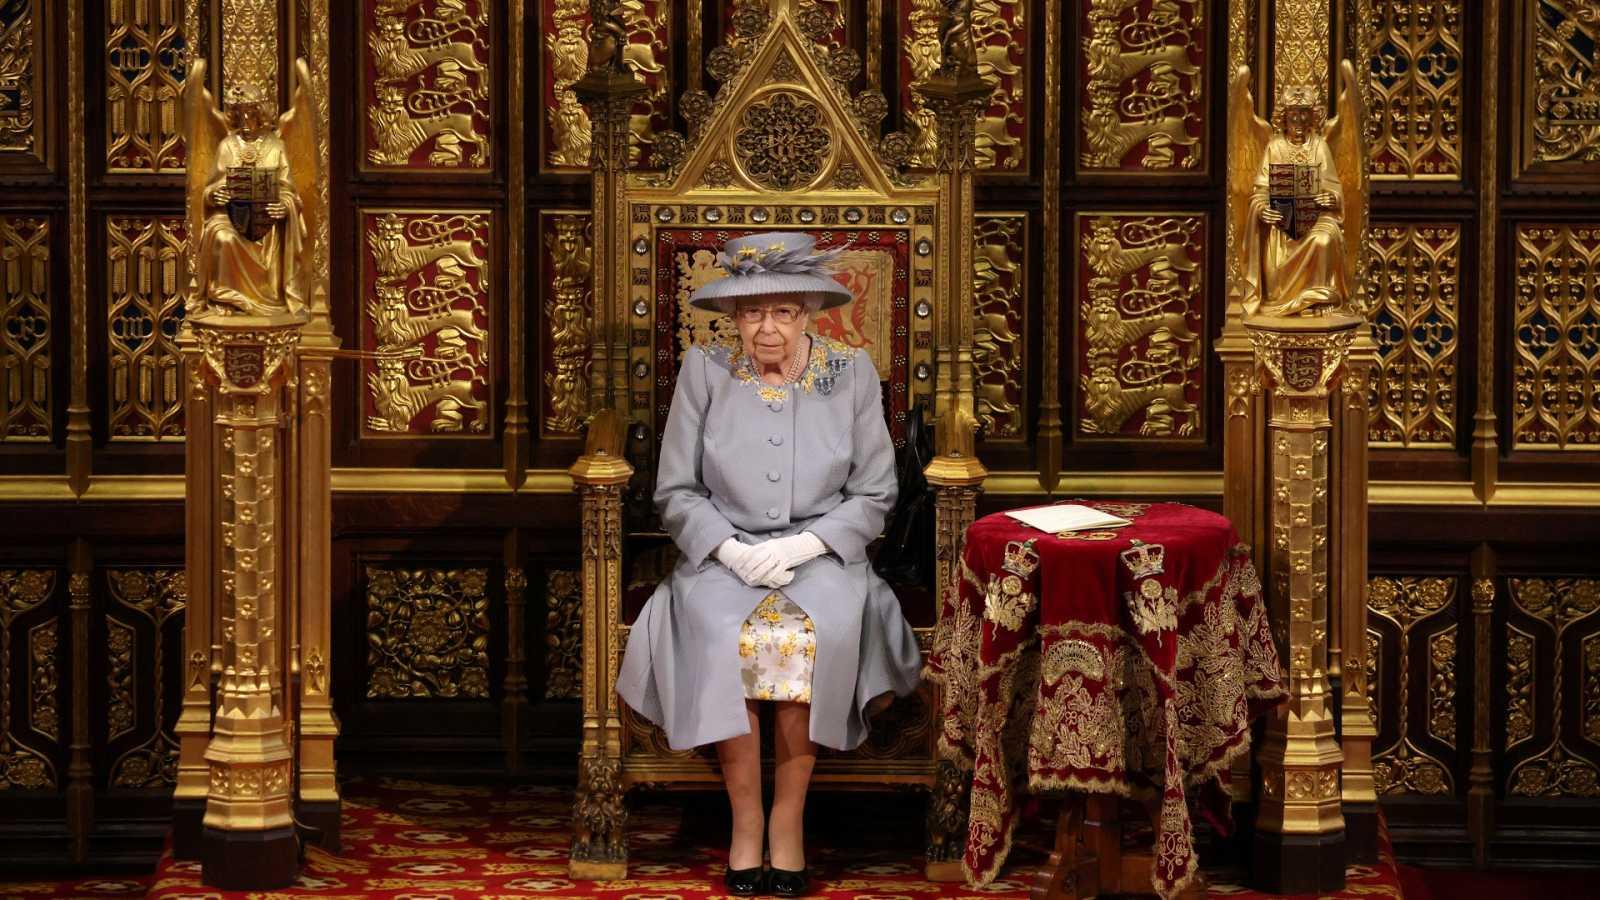 La Reina de Inglaterra abre el curso parlamentario con un discurso, el primero desde la muerte de su marido